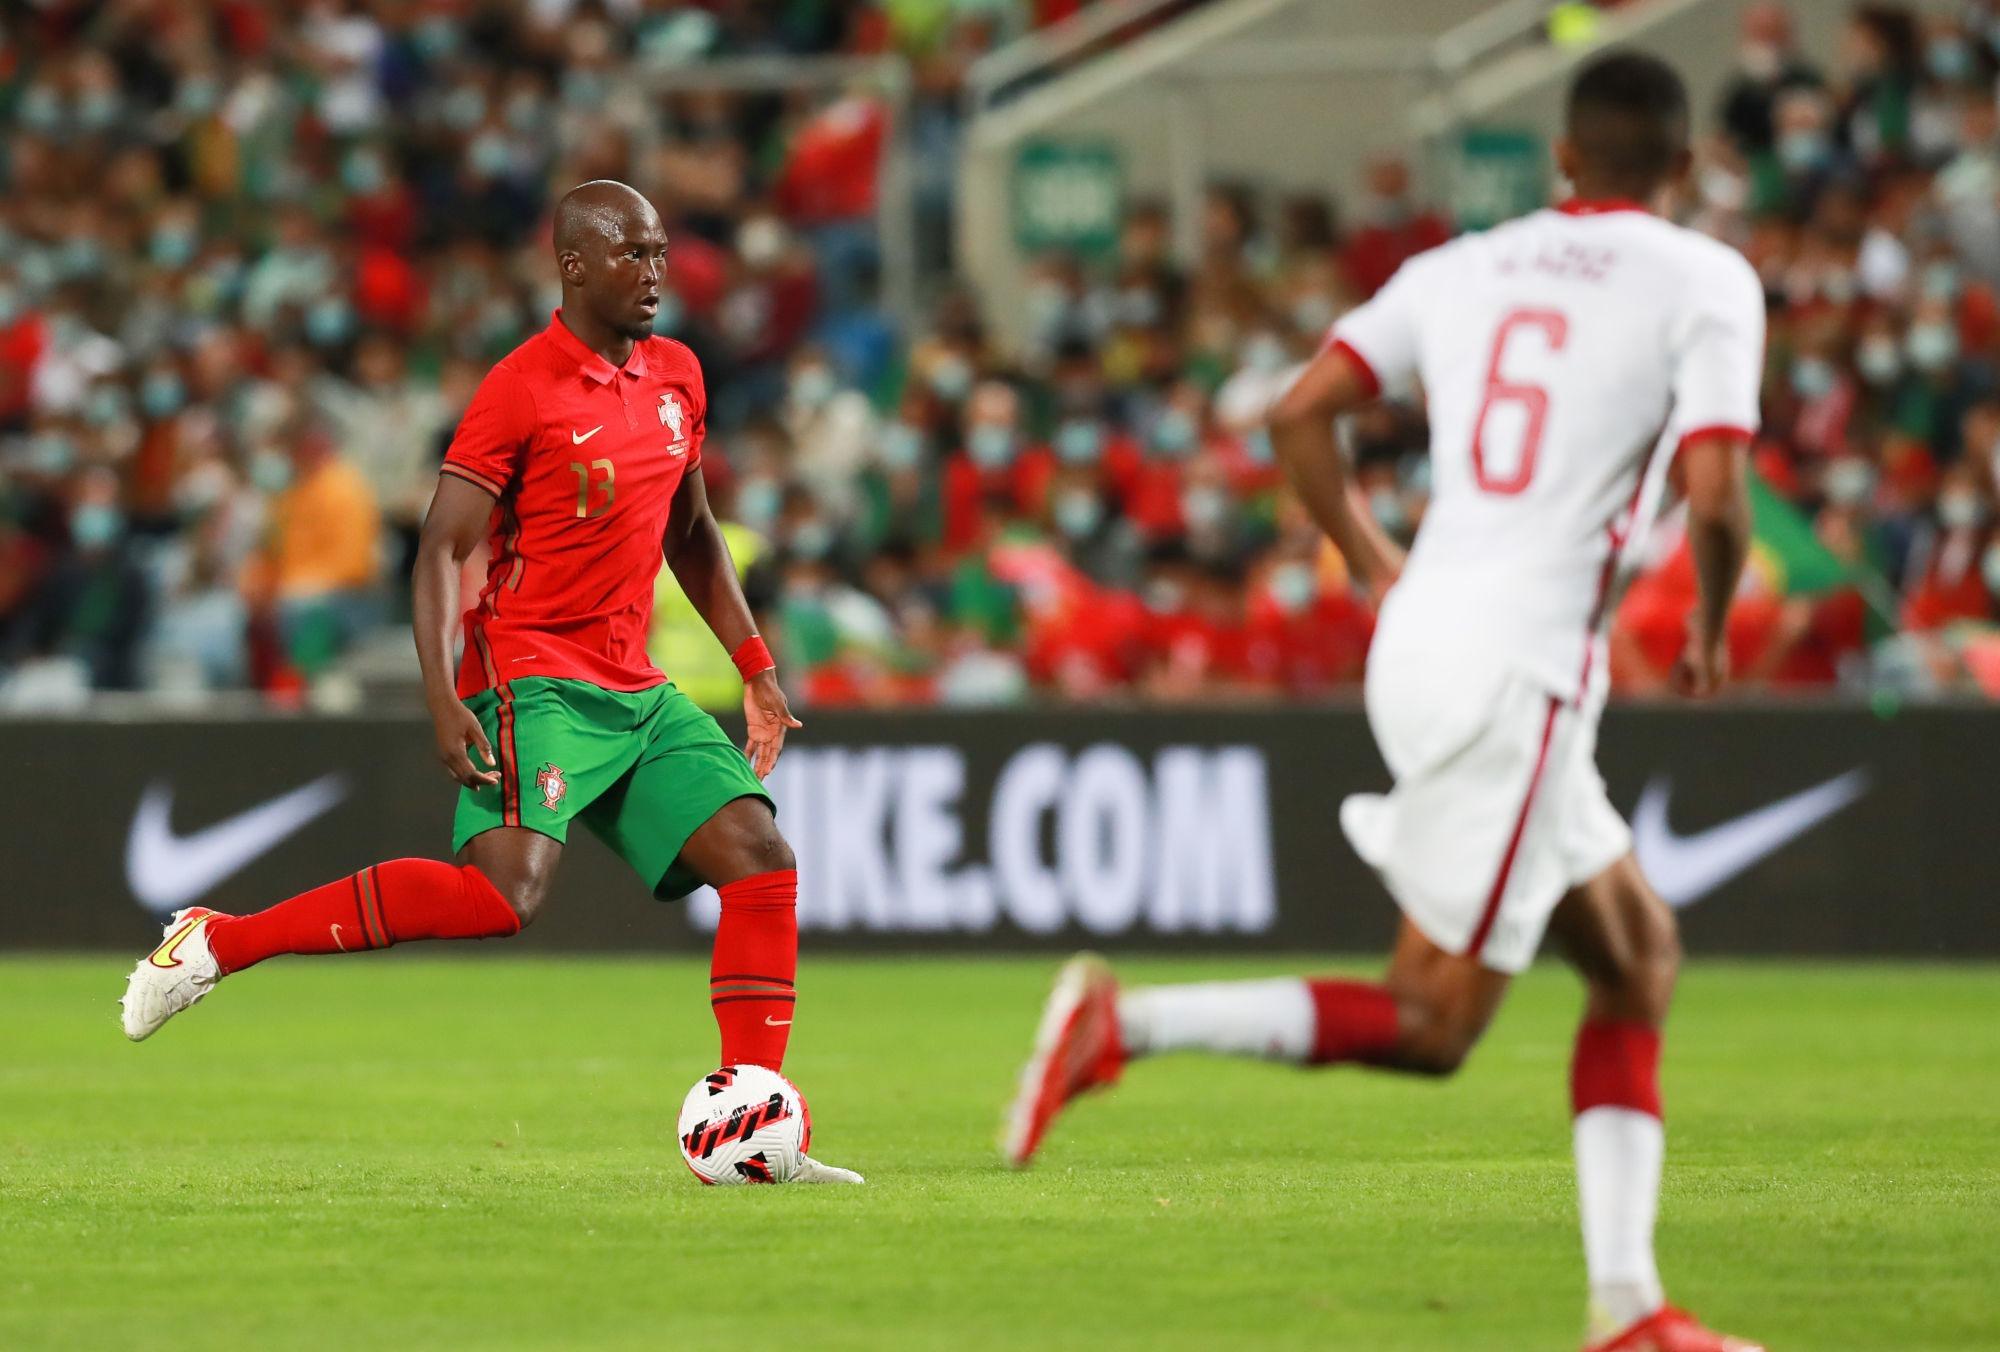 Qatar/Portugal - Danilo et Mendes en défense lors de la victoire portugaise